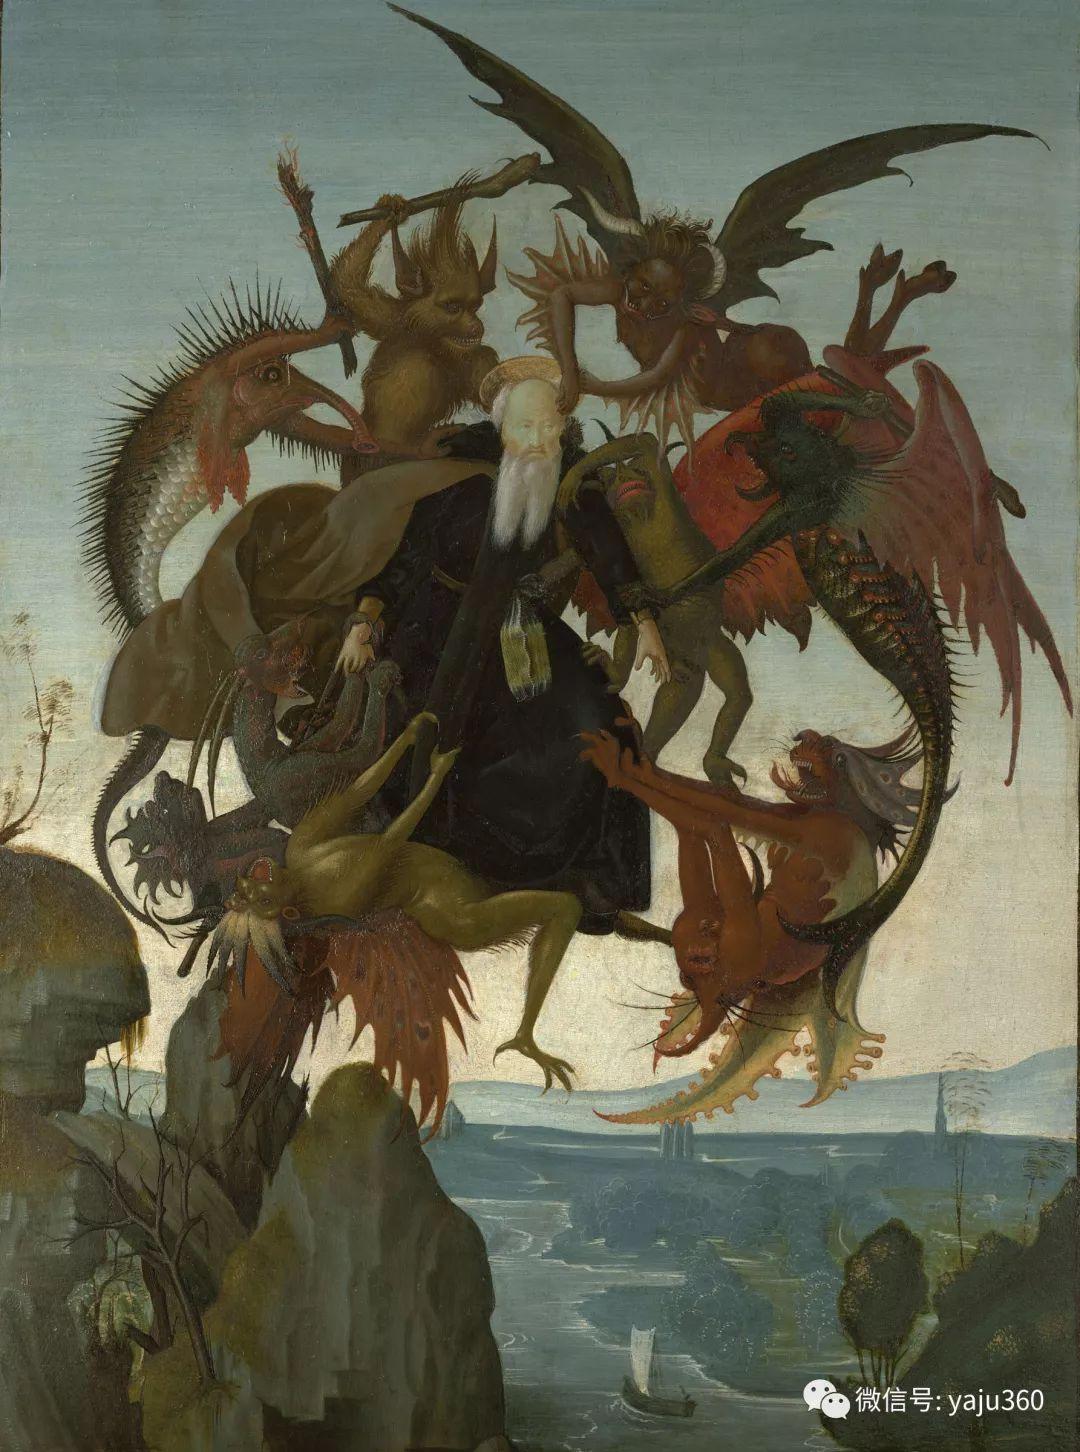 文艺复兴三杰 意大利画家Michelangelo插图3